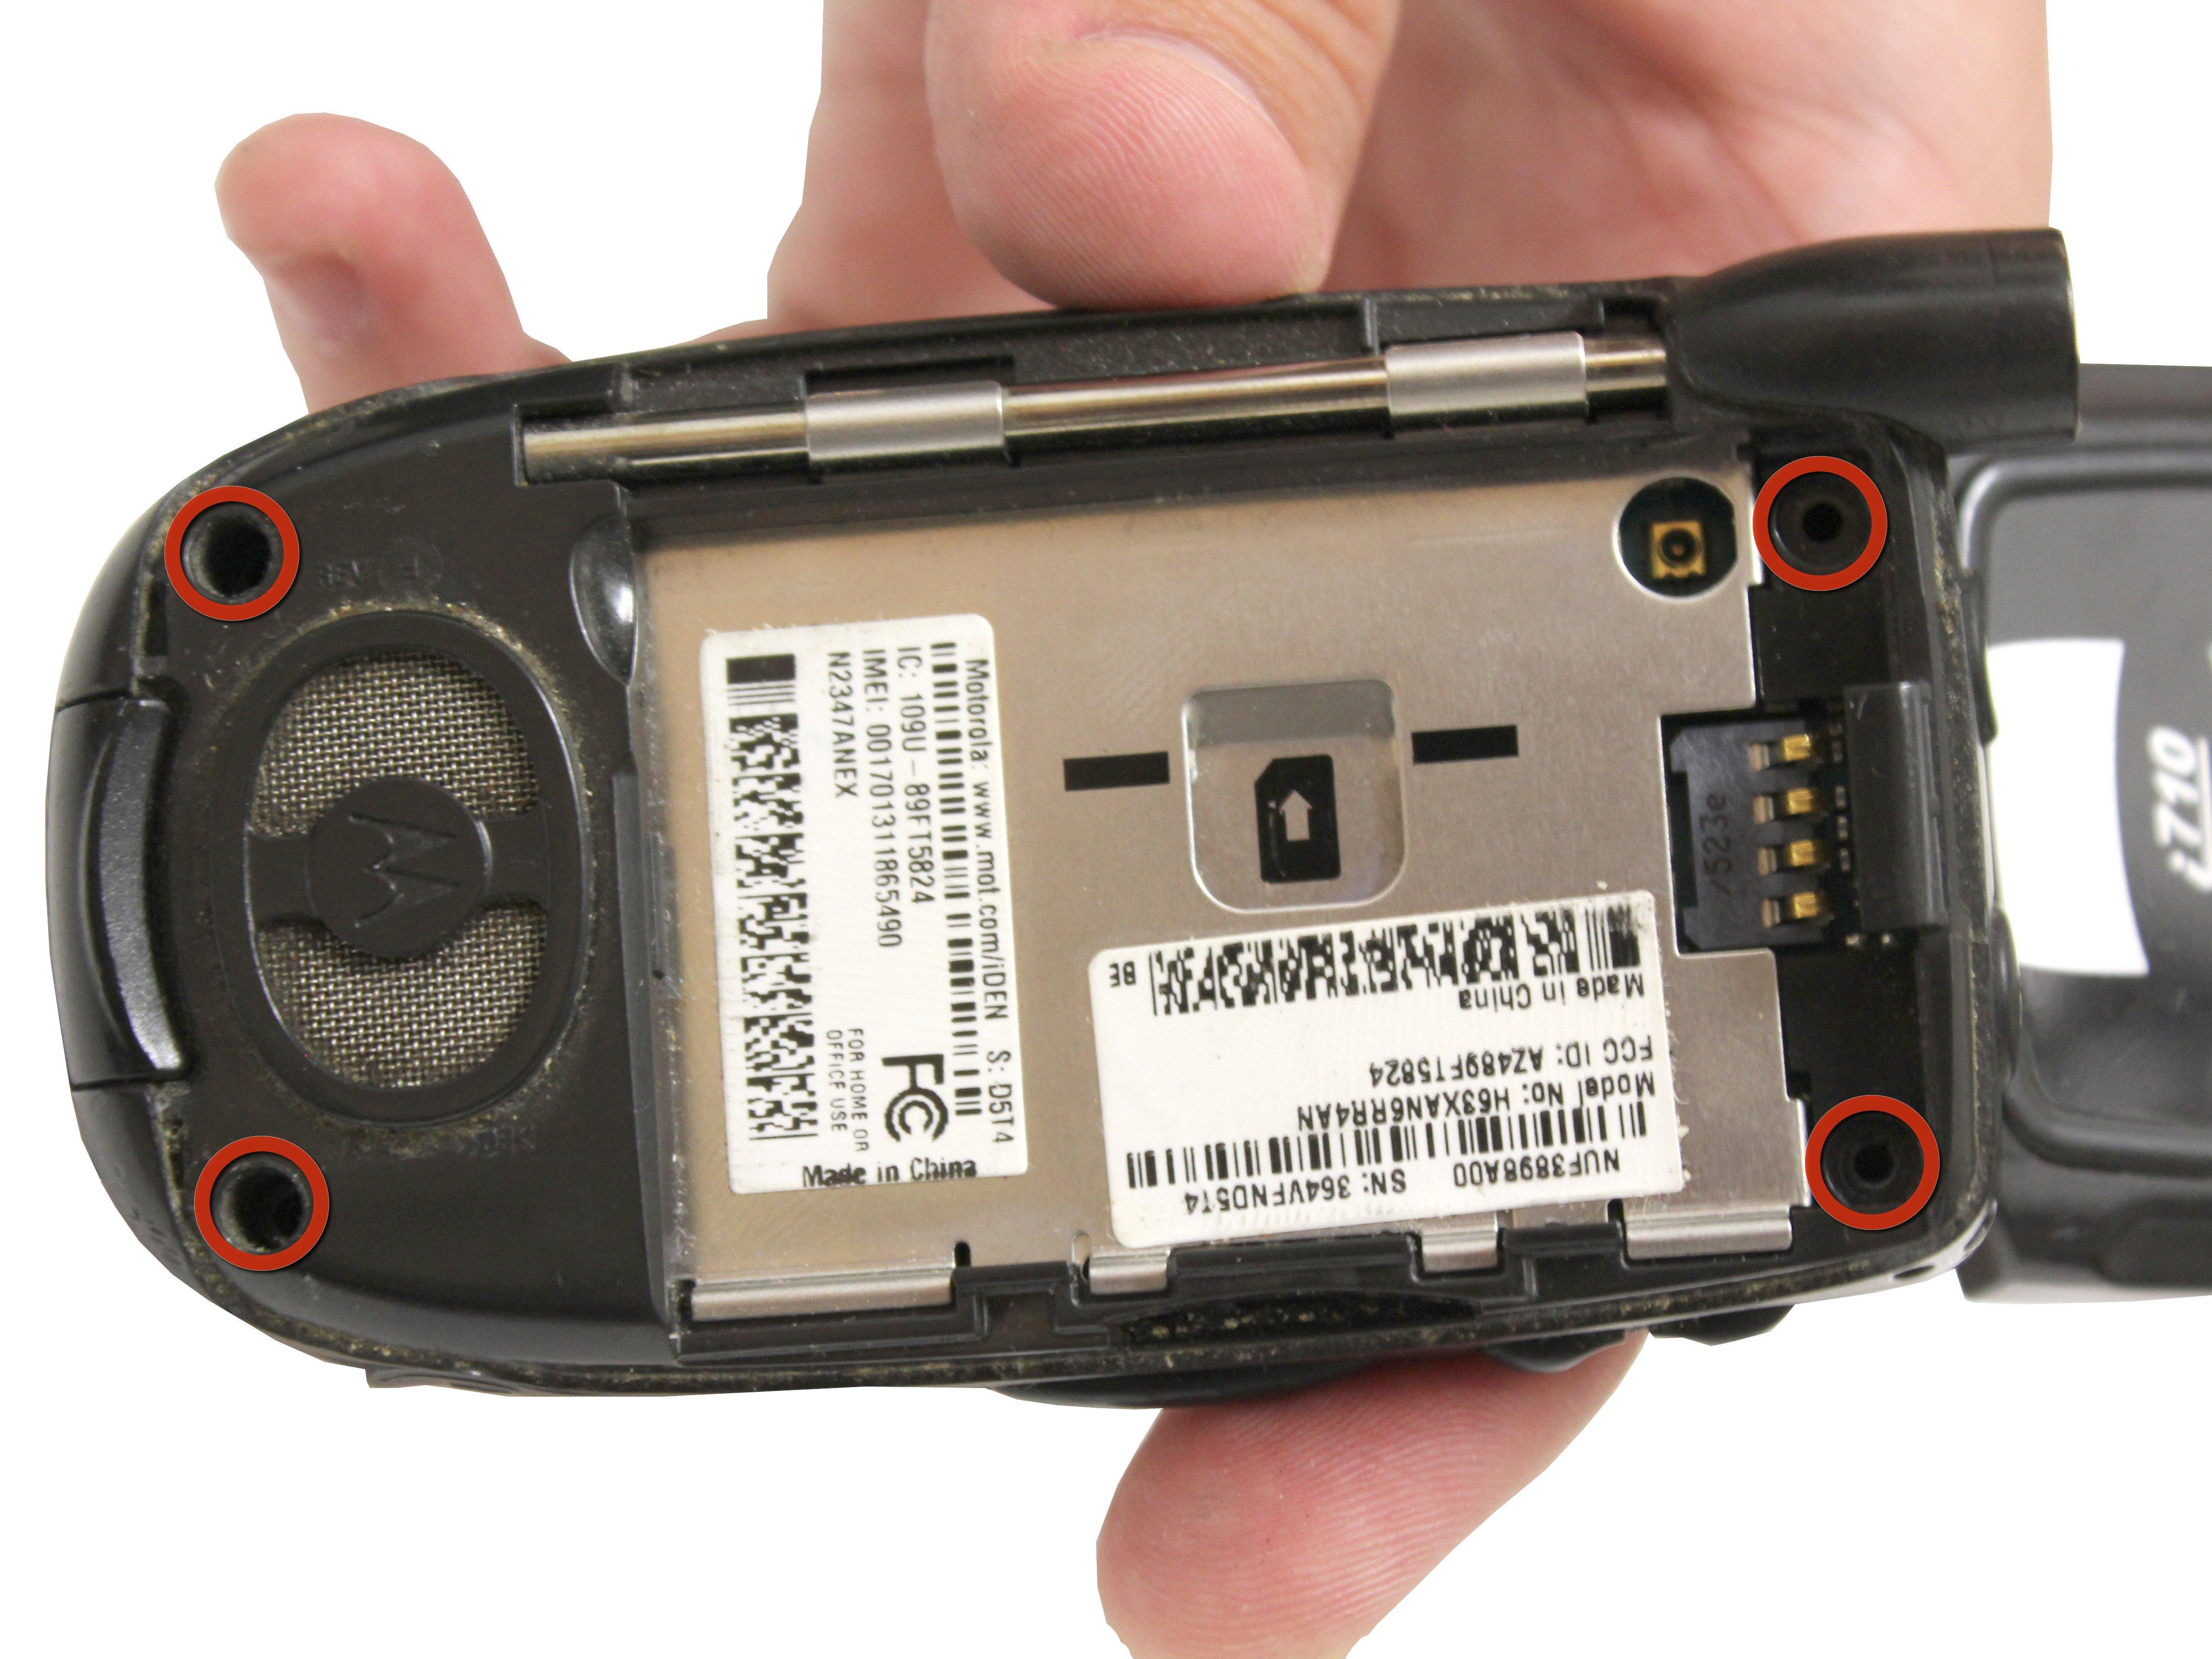 Motorola i710 Back Casing Replacement - iFixit Repair Guide